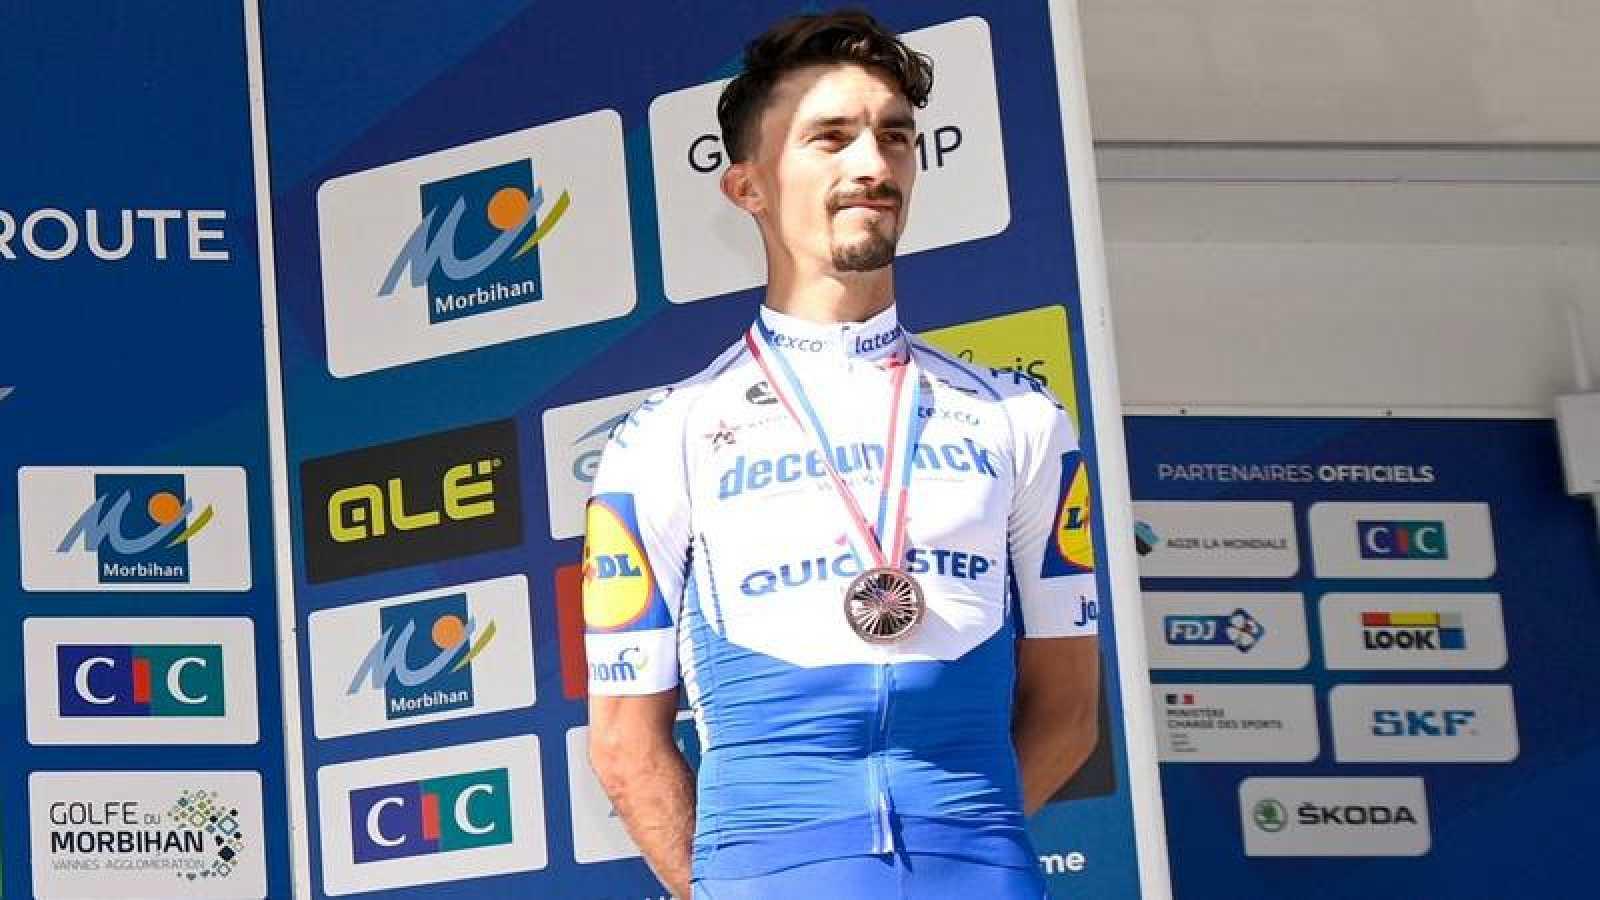 Julian Alaphilippe, en el podio del pasado Campeonato de Francia con la medalla de bronce.